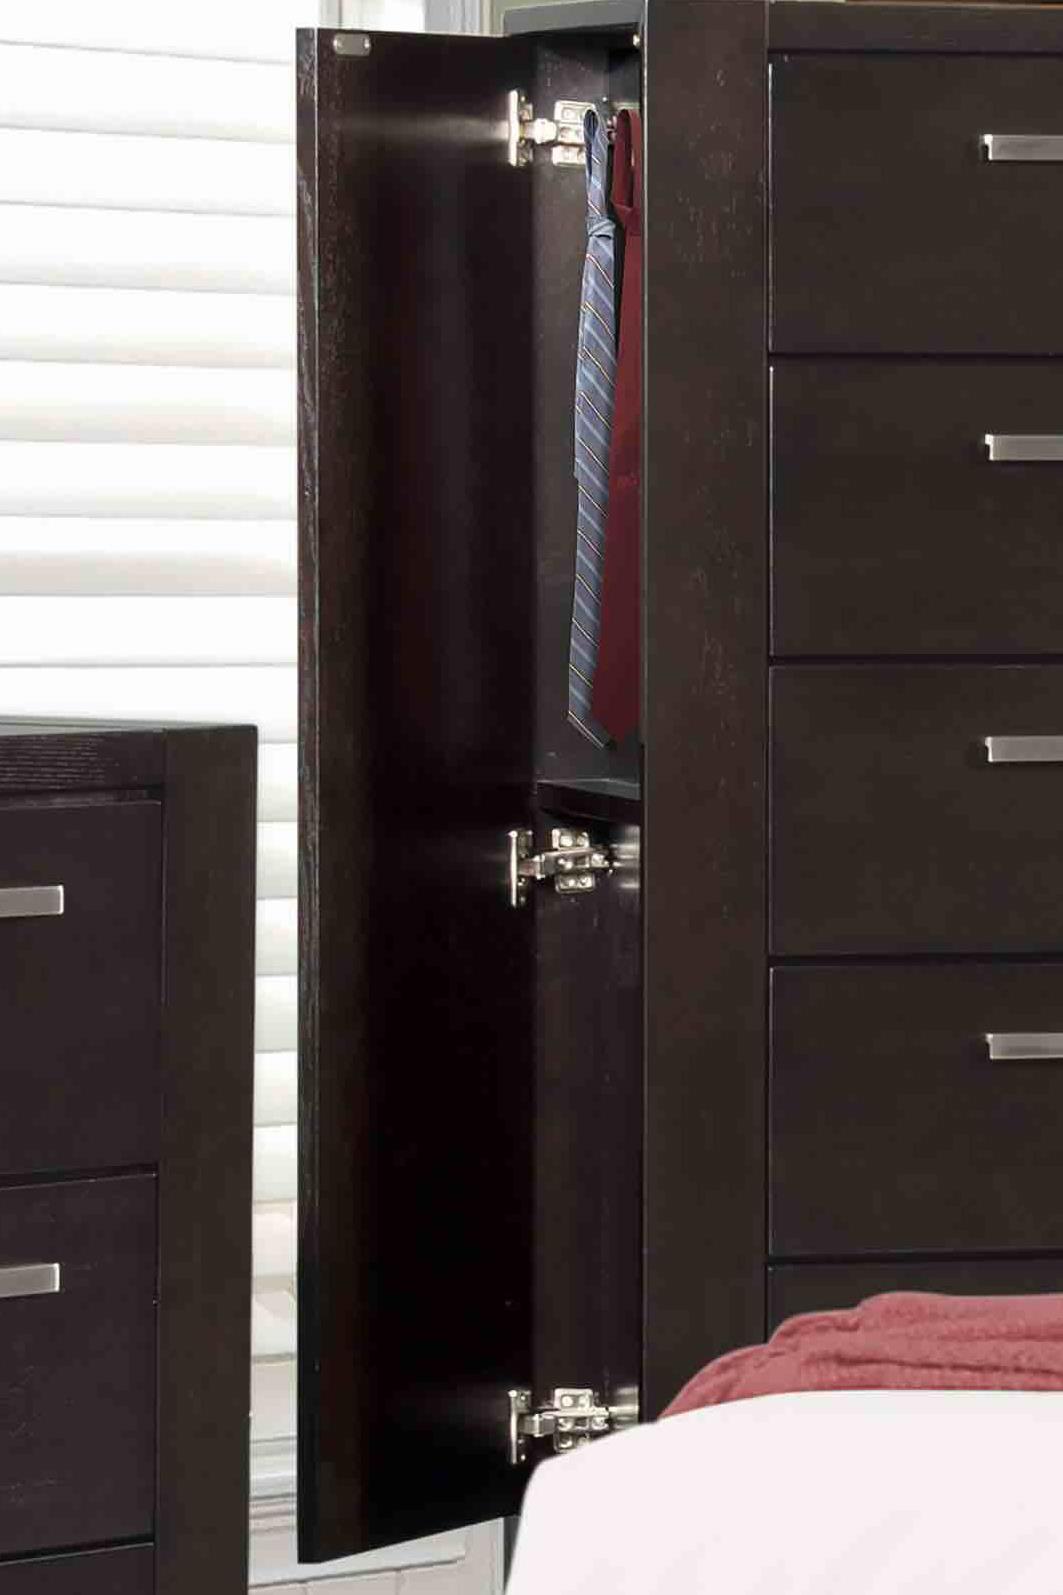 Good Furniture Lansing #29 - Elements International Lansing 2 Drawer Nightstand With Block Feet |  Powellu0027s Furniture And Mattress | Night Stands